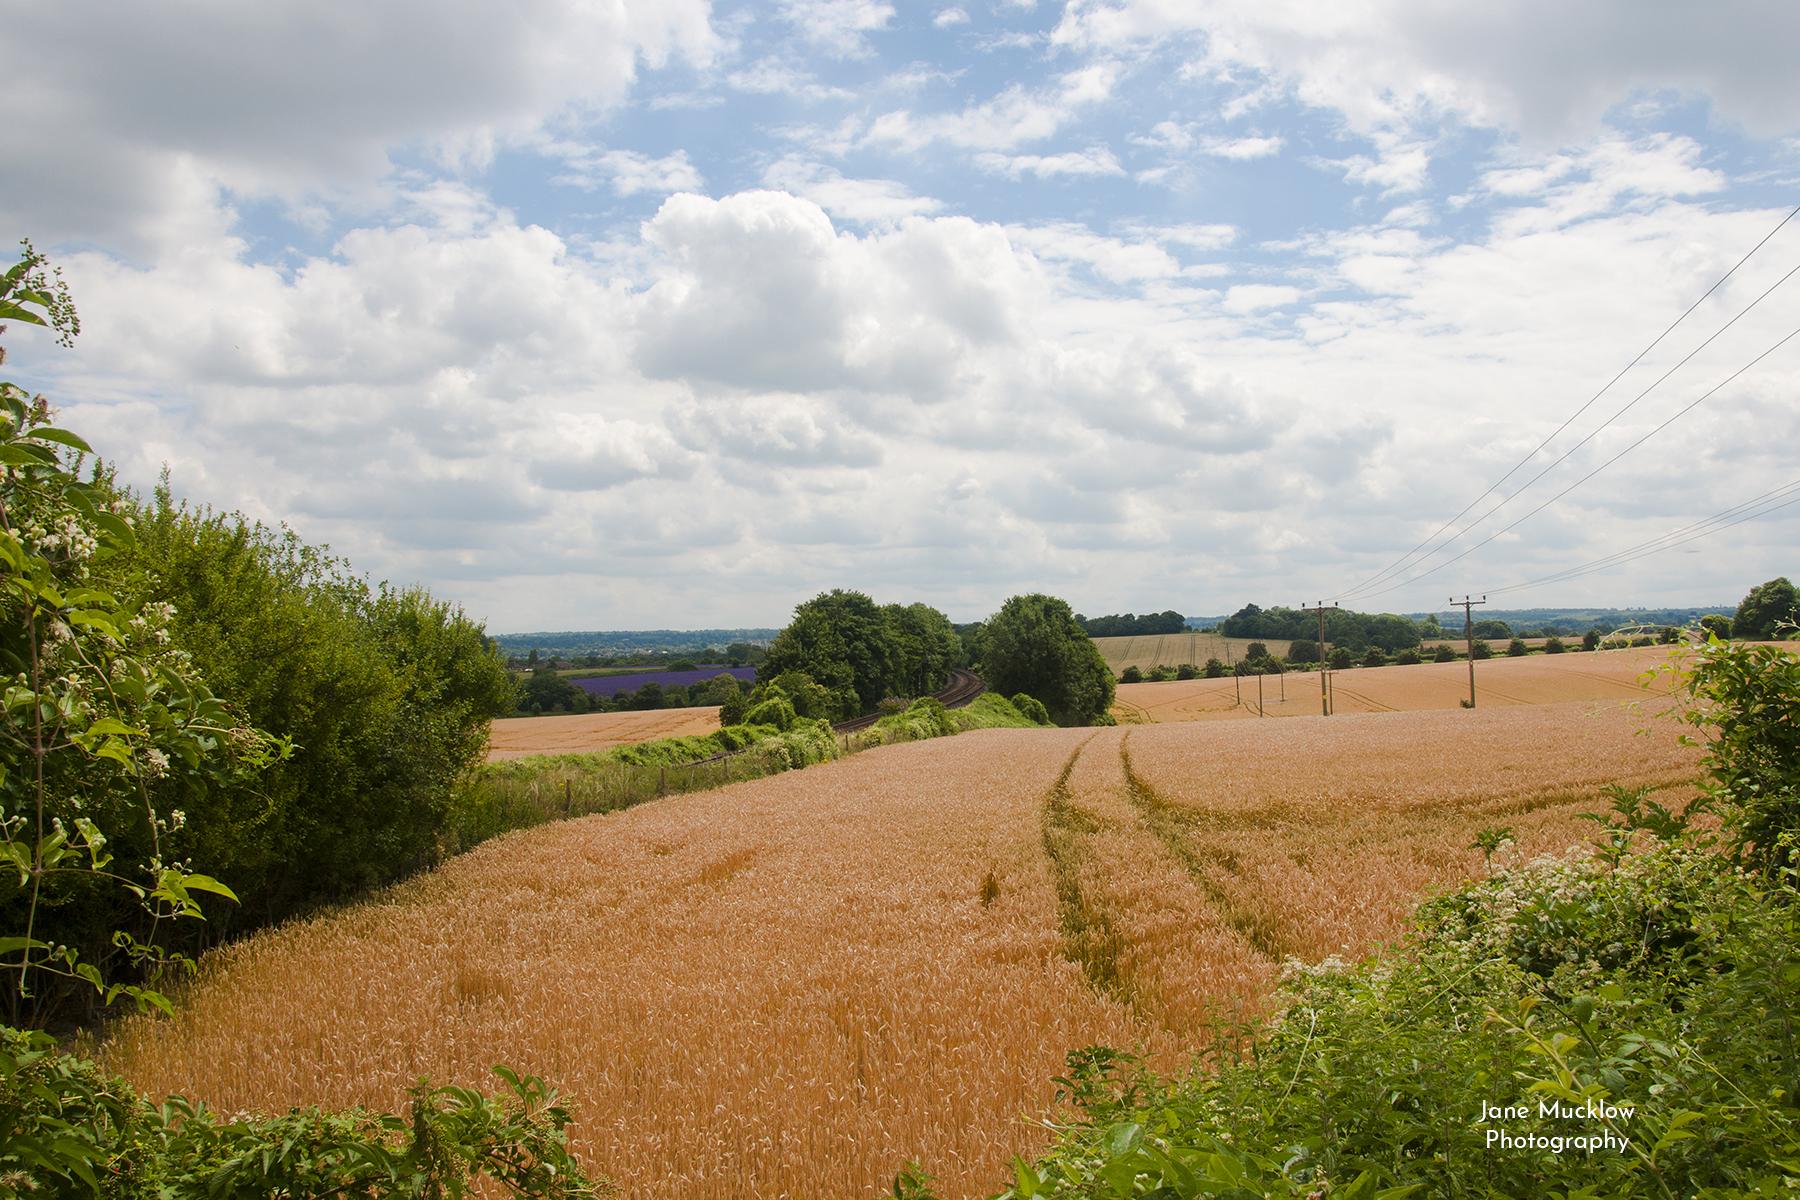 Photograph of summer fields near Sevenoaks, by Jane Mucklow